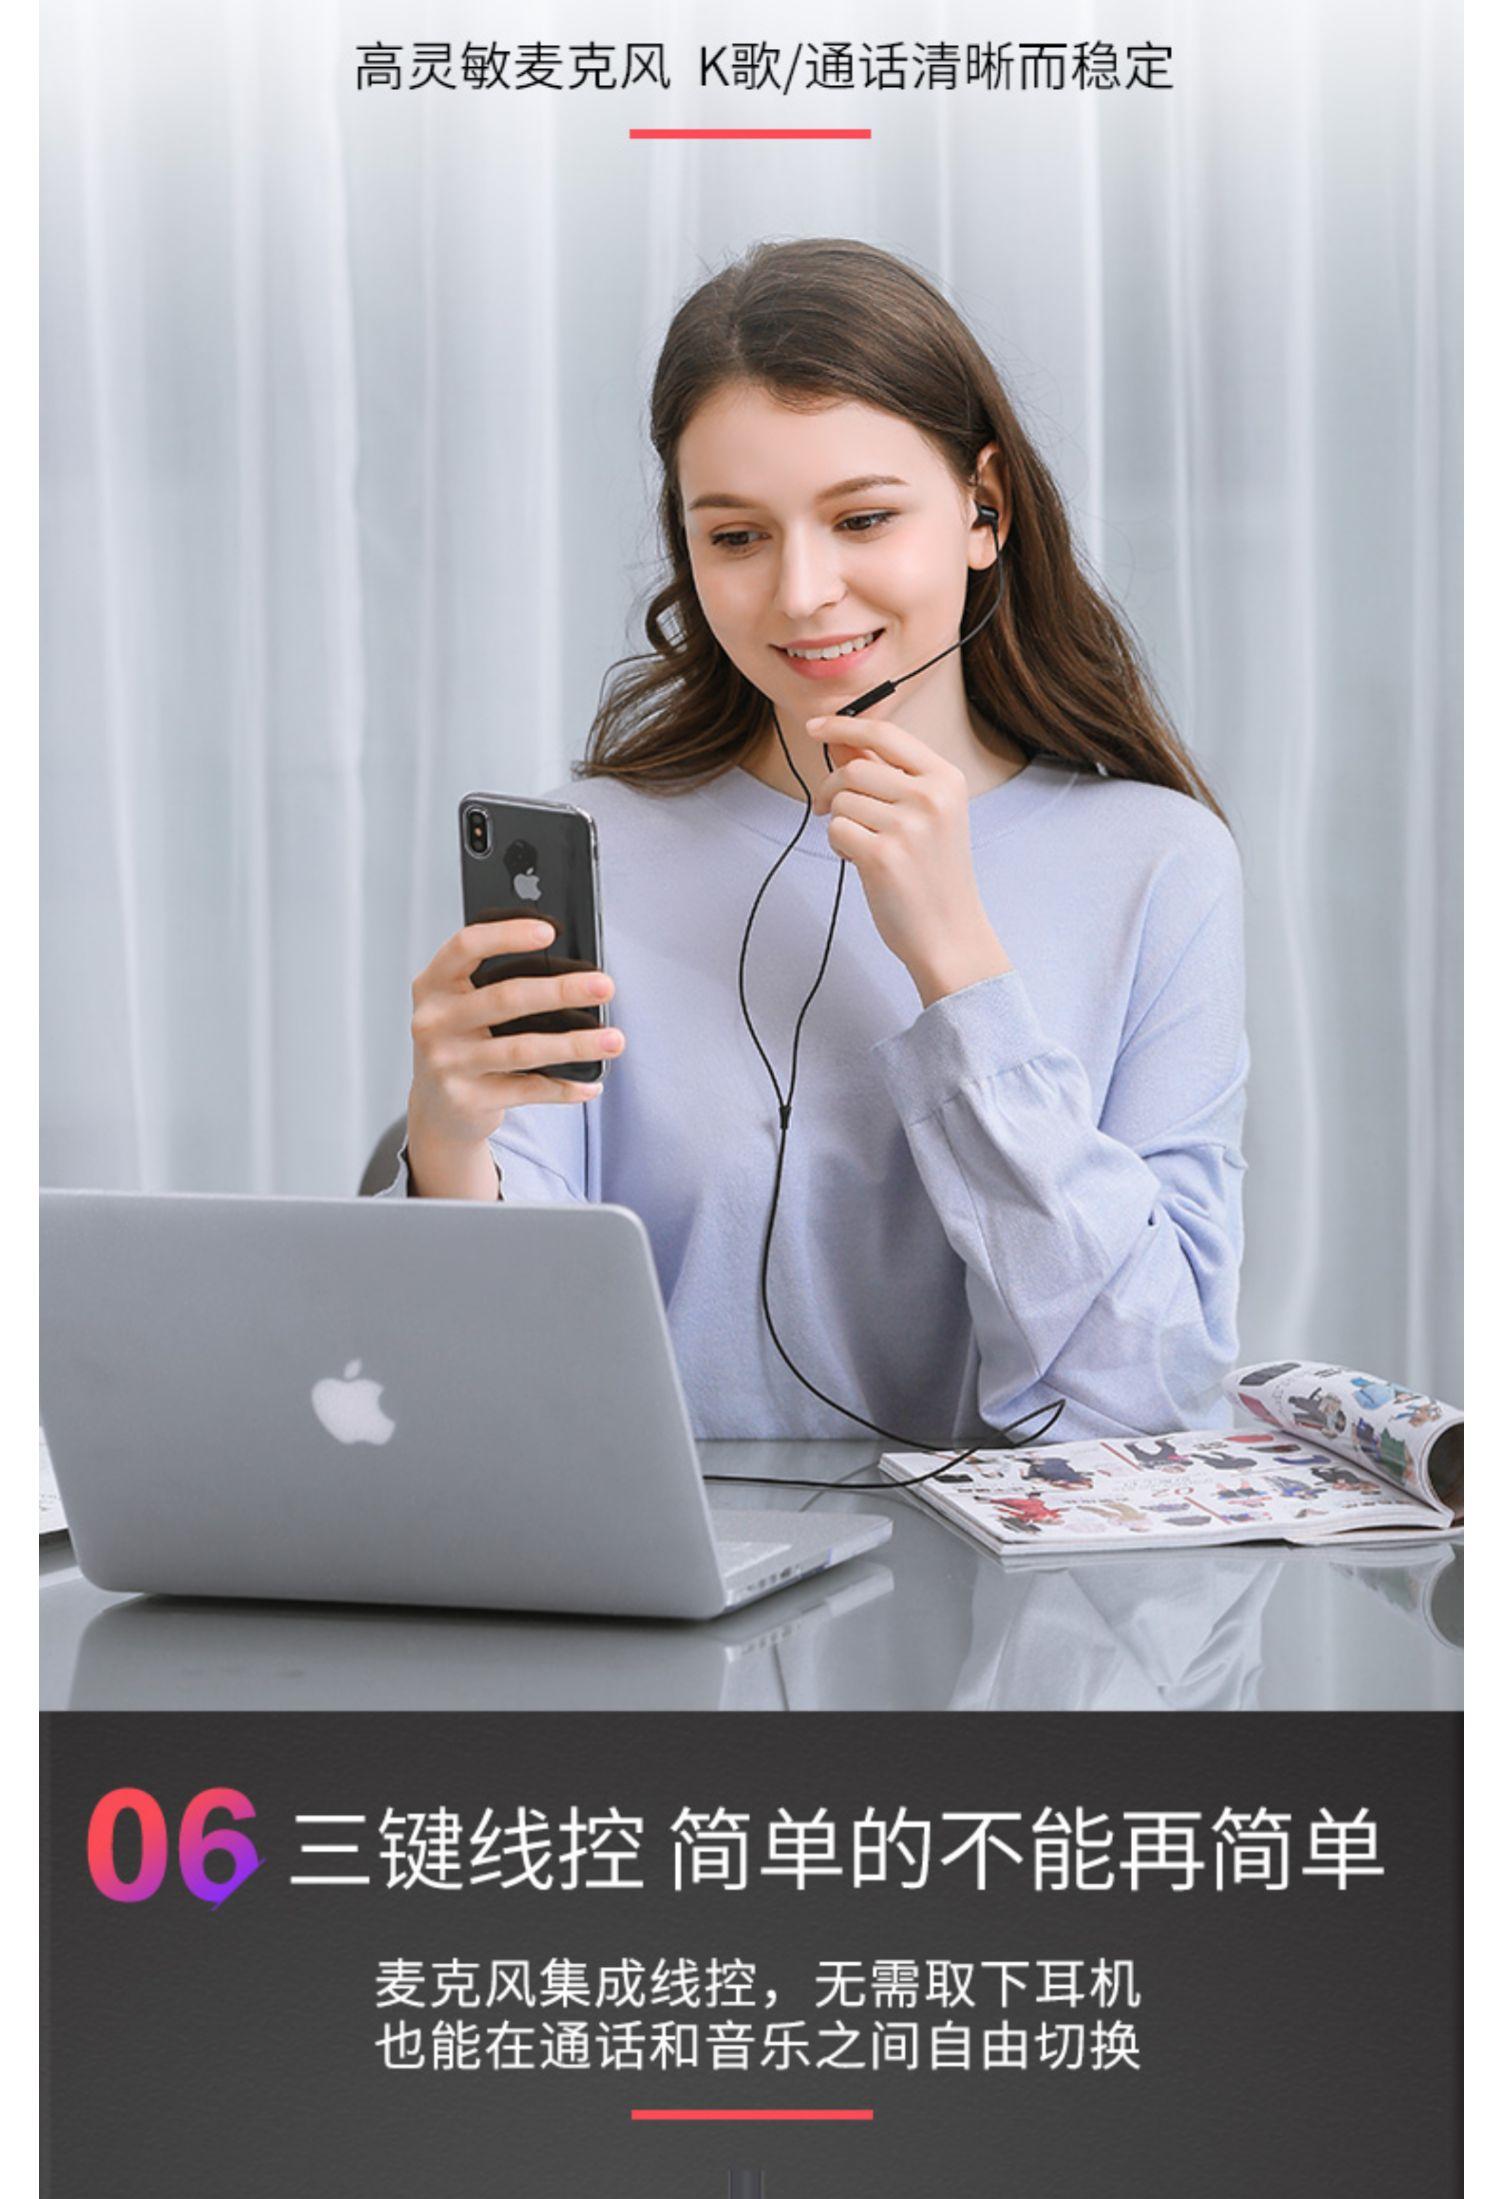 网易 云音乐氧气耳机HIFI入耳式有线 高音质耳塞手机电脑重低音炮降噪吃鸡游戏听声辩位耳麦商品详情图